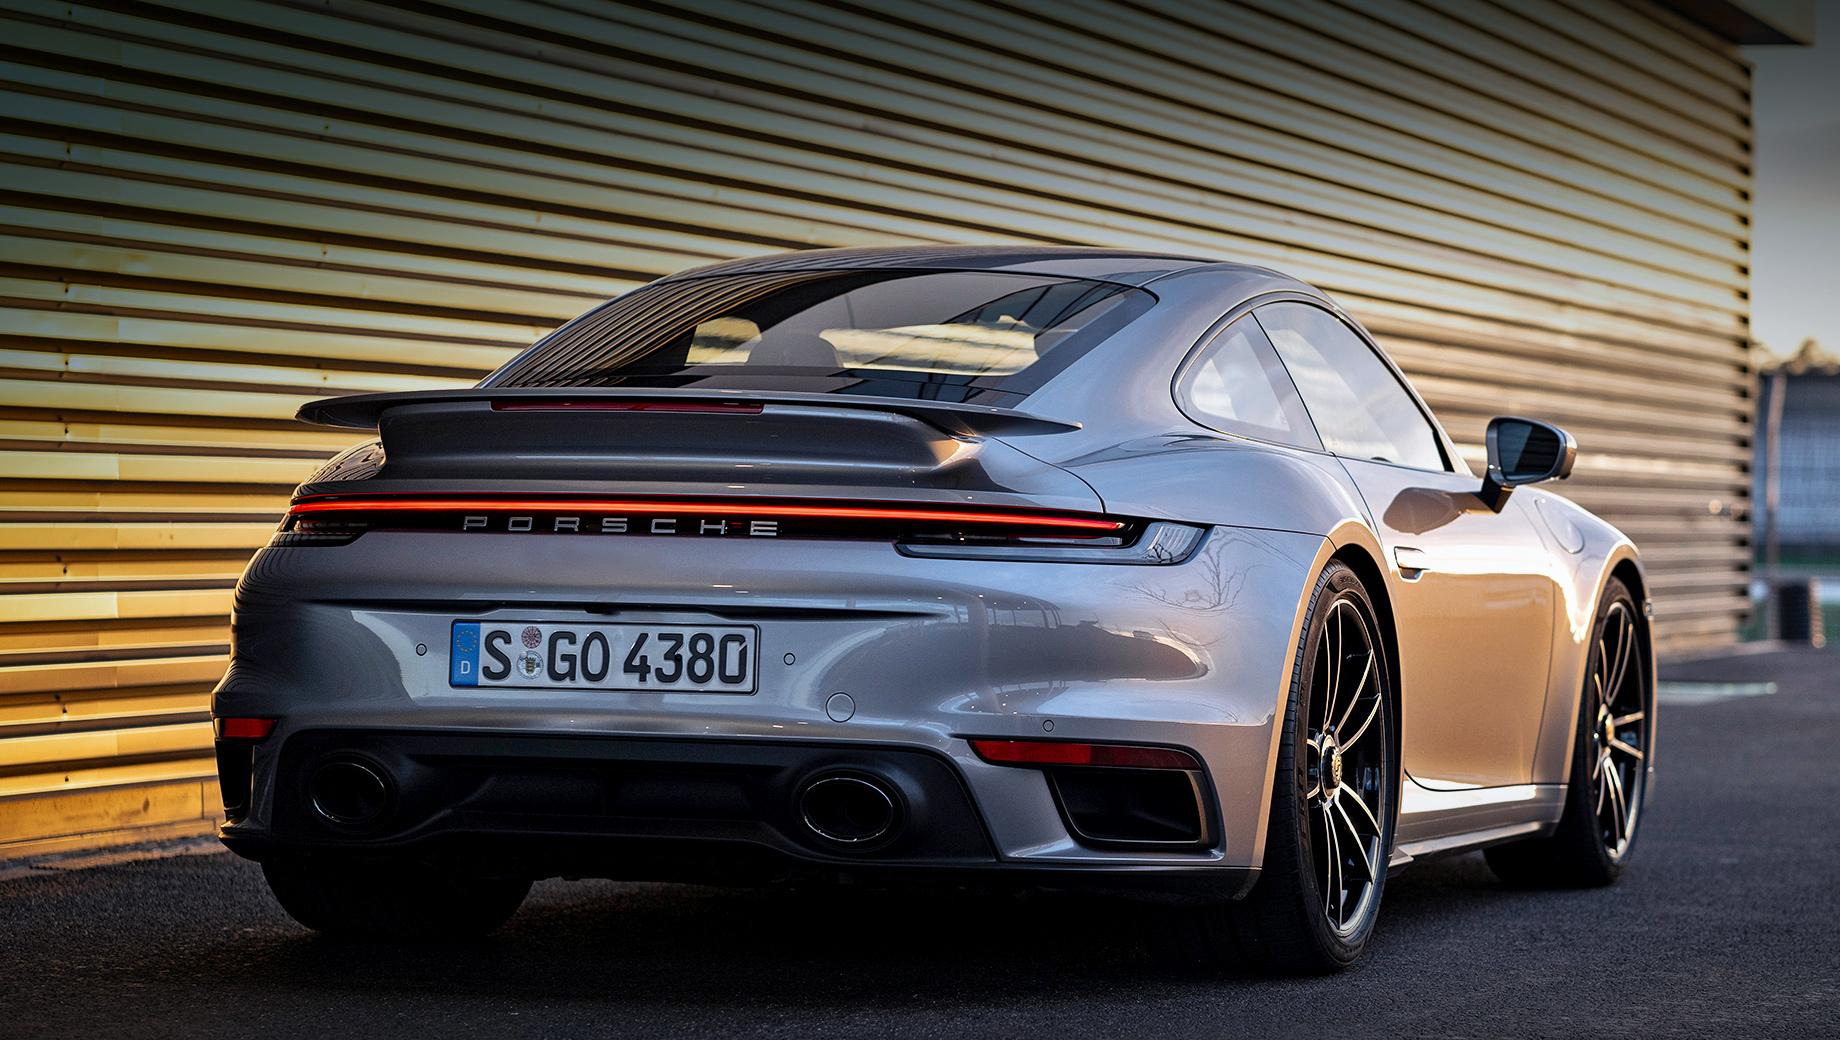 Porsche 911,Porsche 911 turbo. На фотографии — филейная часть купе Porsche 911 Turbo S. Однако грядущий 911 Turbo с этого ракурса, скорее всего, будет выглядеть так же. Для менее дорогой версии будут доступны два вида выхлопной системы — с двумя овальными или квартетом четырёхугольных выпускных патрубков.